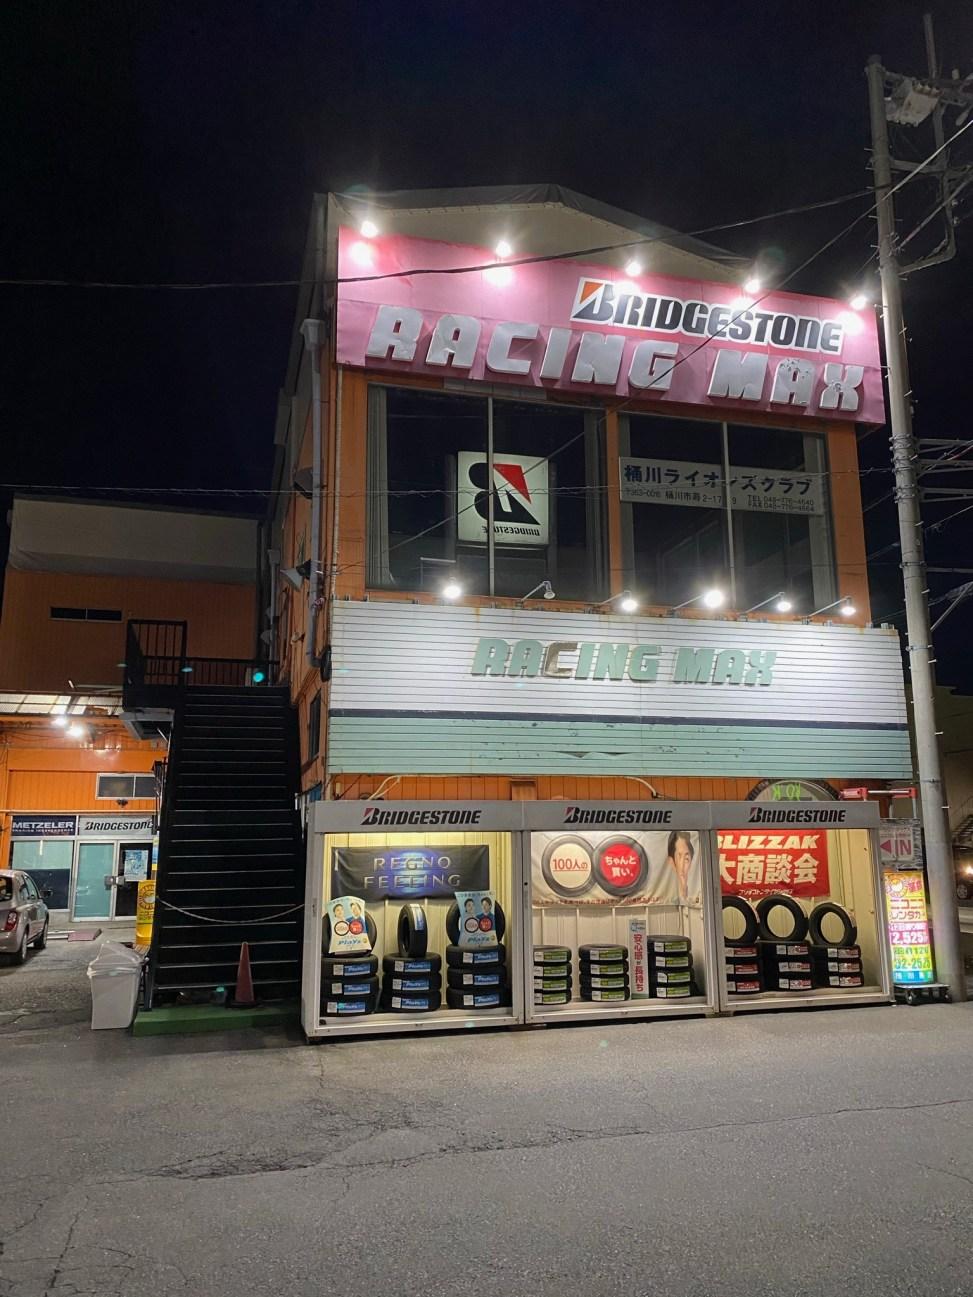 レーシングマックス桶川店